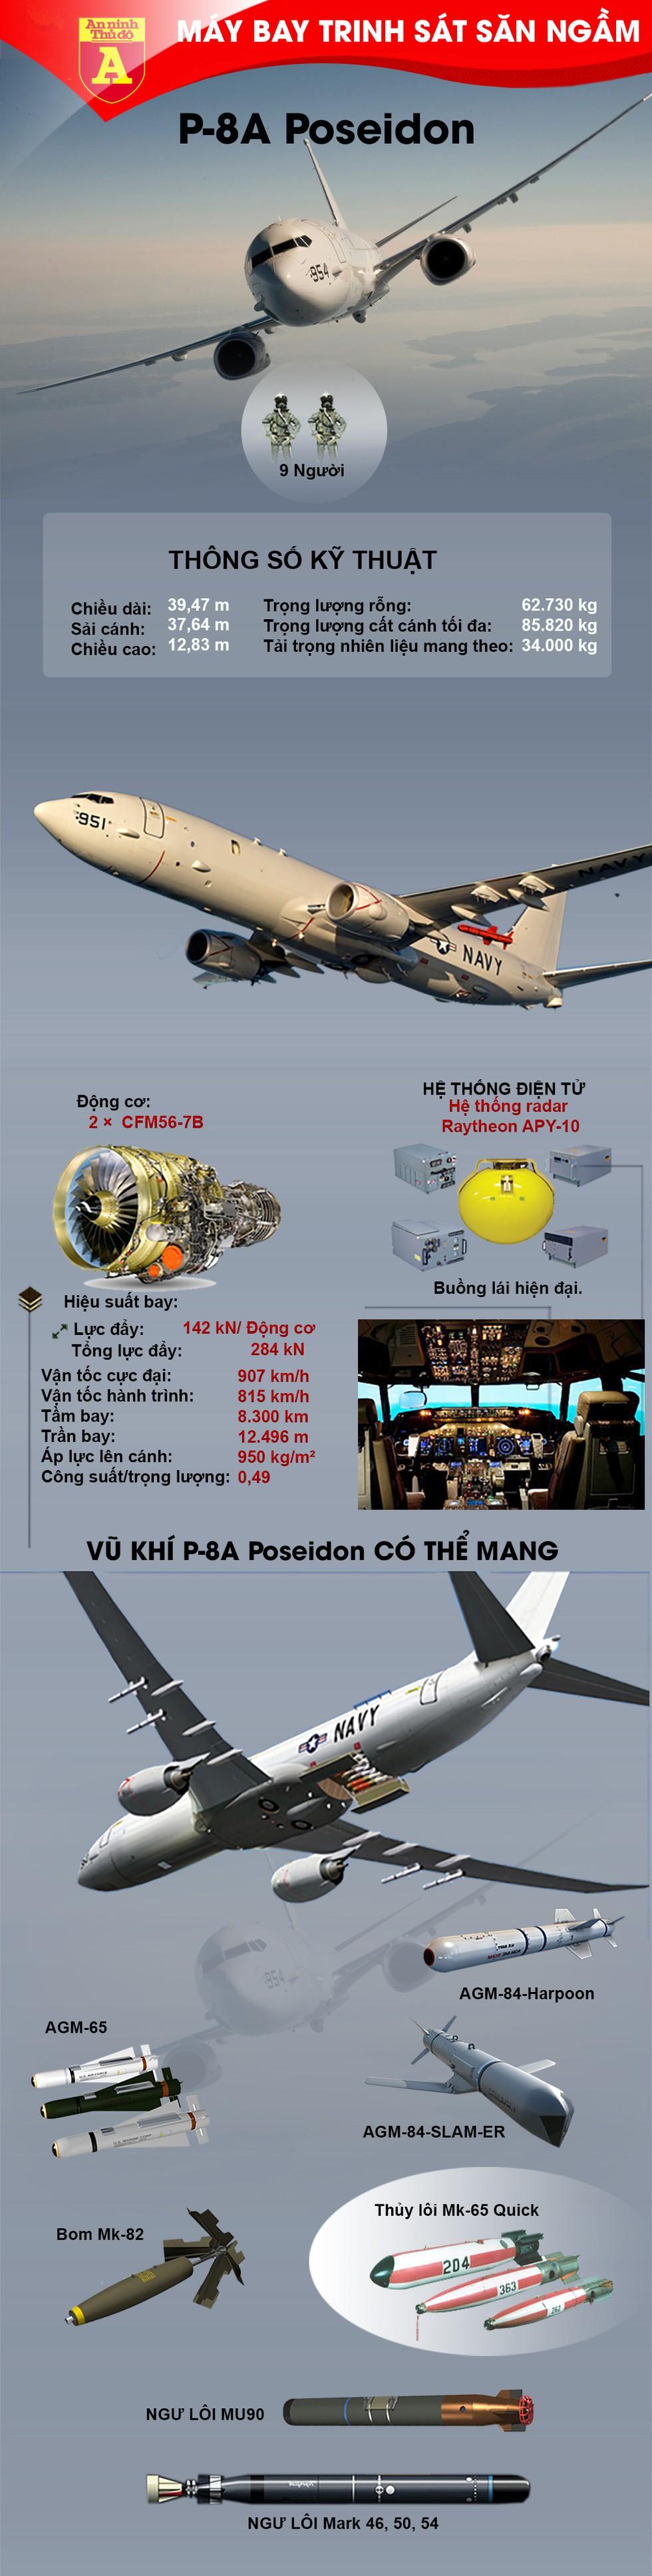 [Infographics] Mỹ bất ngờ điều máy bay săn ngầm mạnh nhất thế giới tới Biển Đông - Ảnh 1